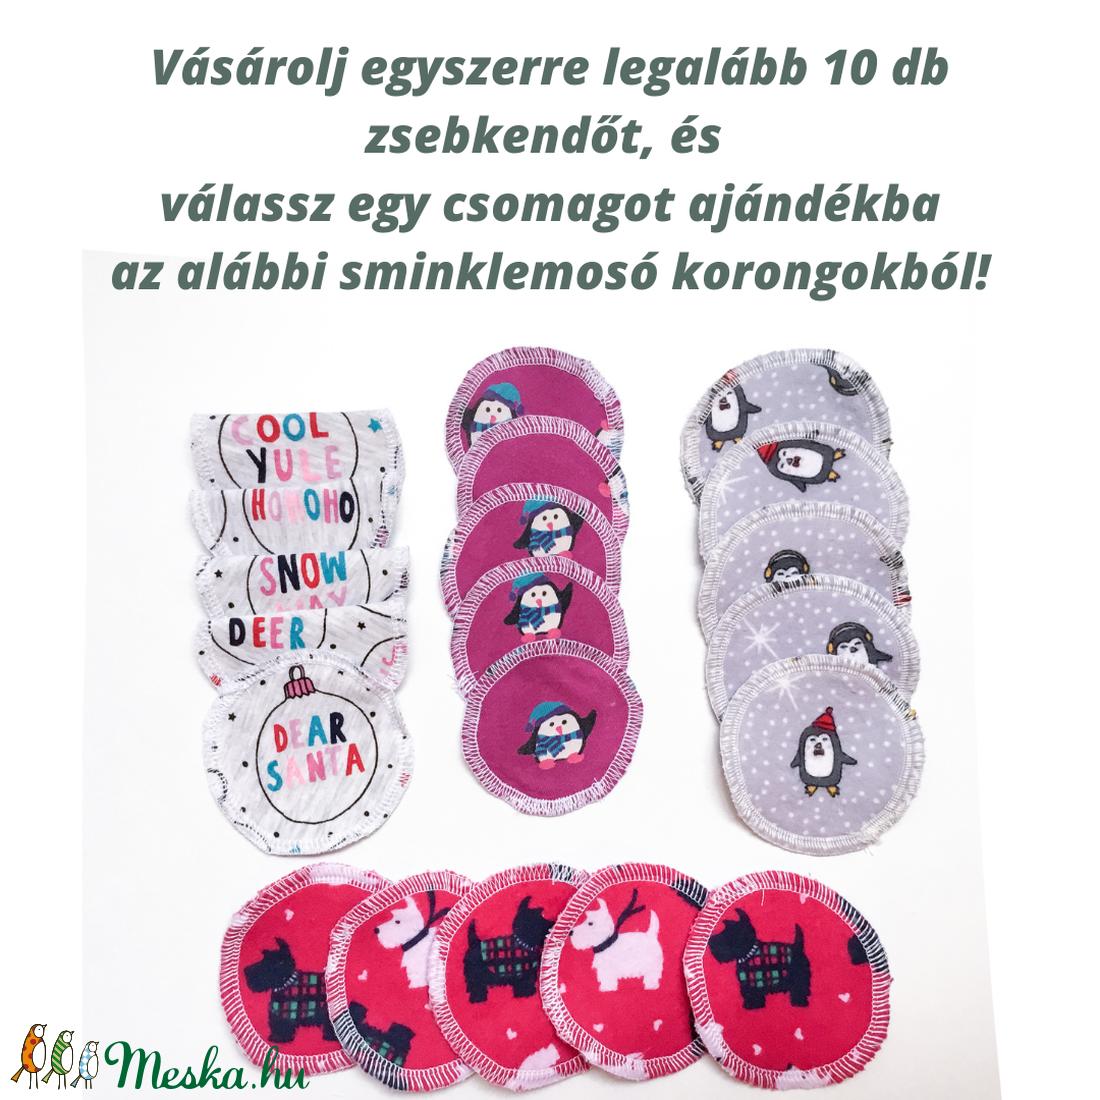 2 db puha női, kislány vagy gyerek zsebkendő újrahasznosított, virágos pamut anyagból karácsonyra az allergia szerzonra - ruha & divat - sál, sapka, kendő - Meska.hu